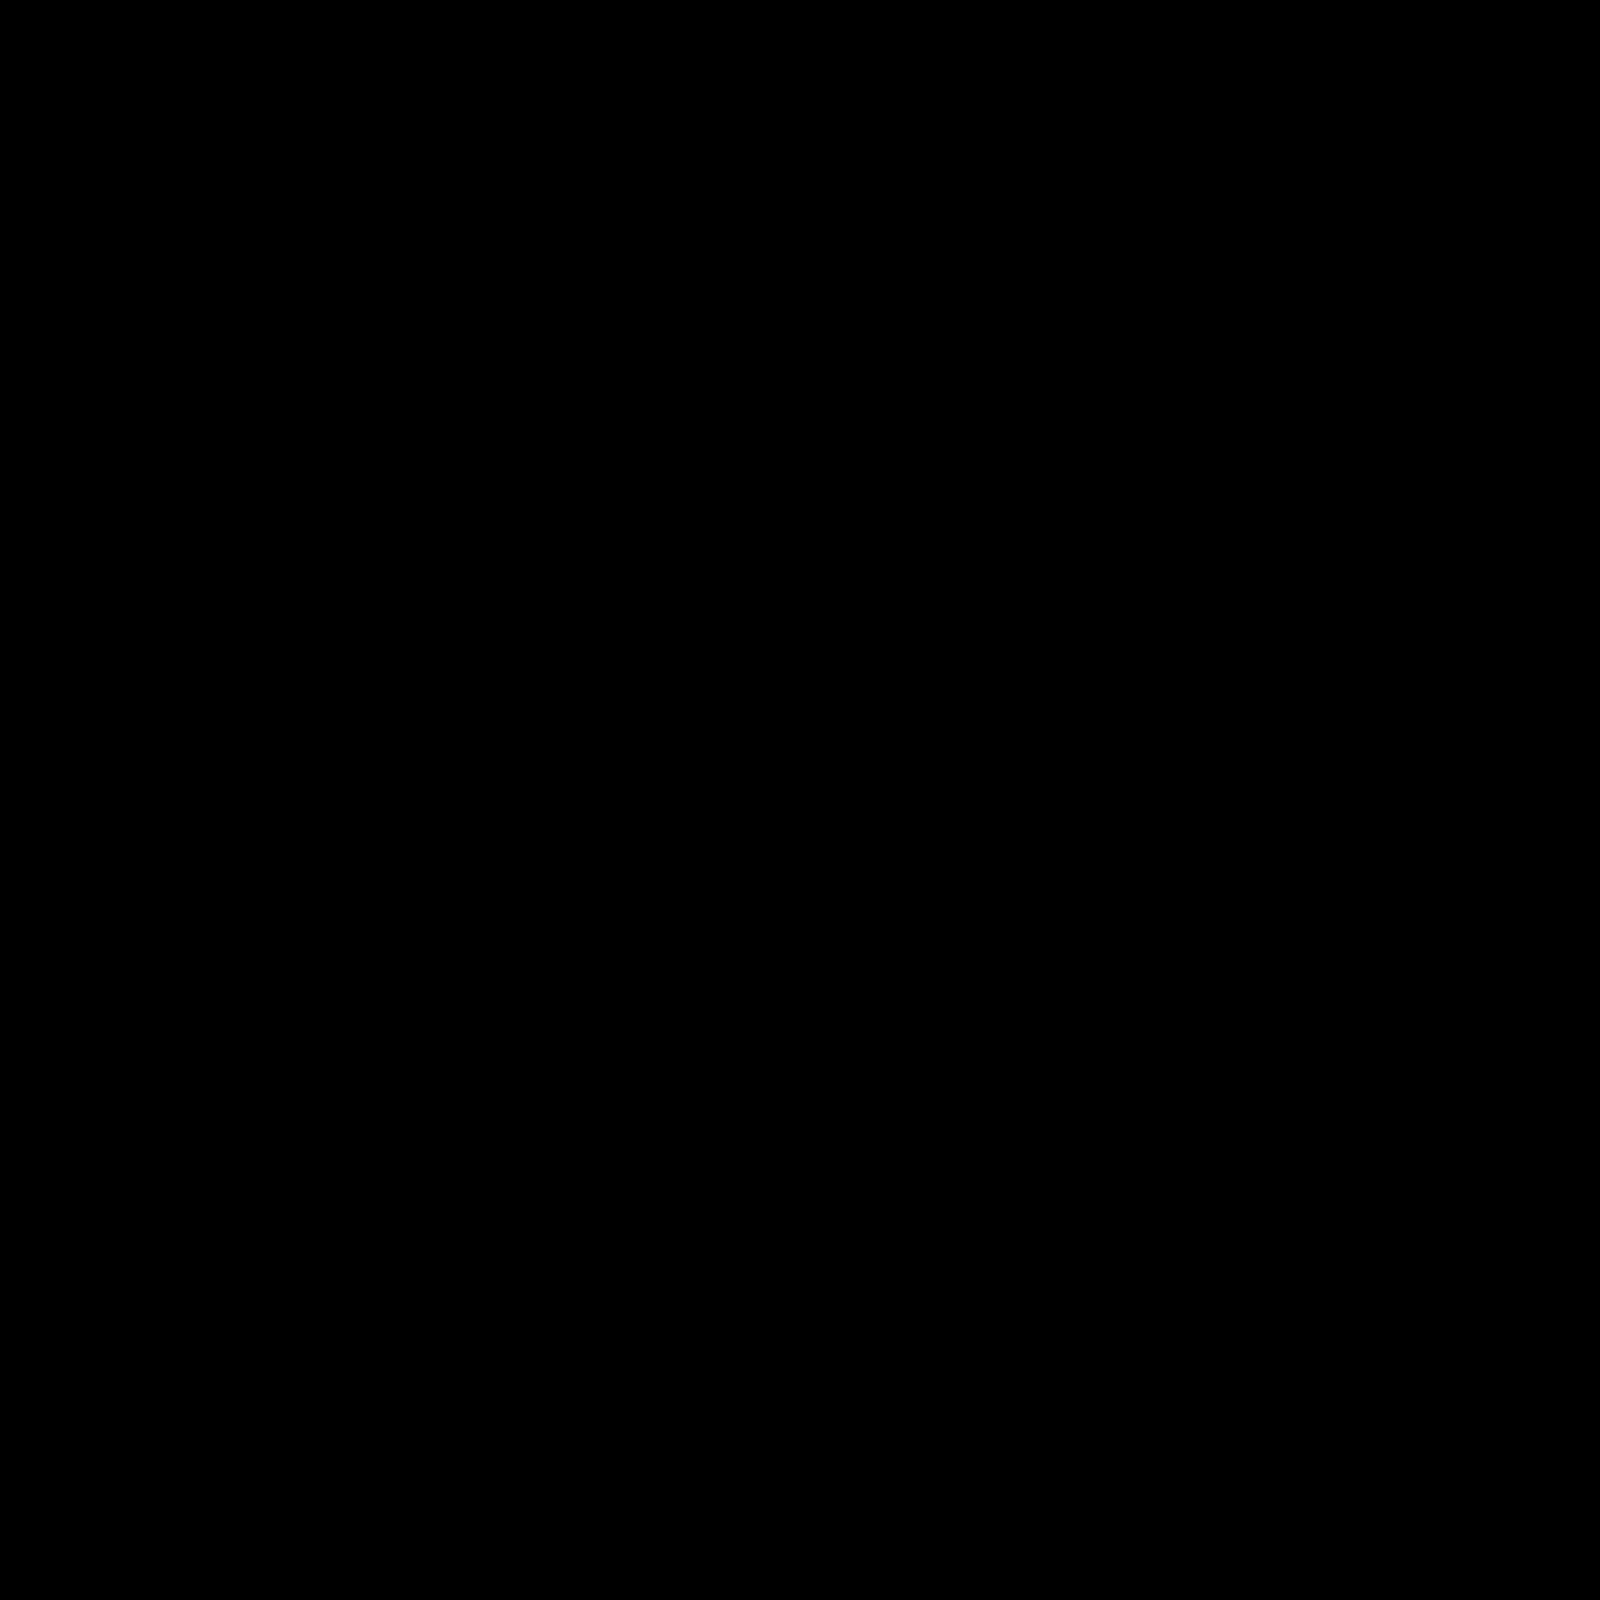 1600x1600 Air Icon